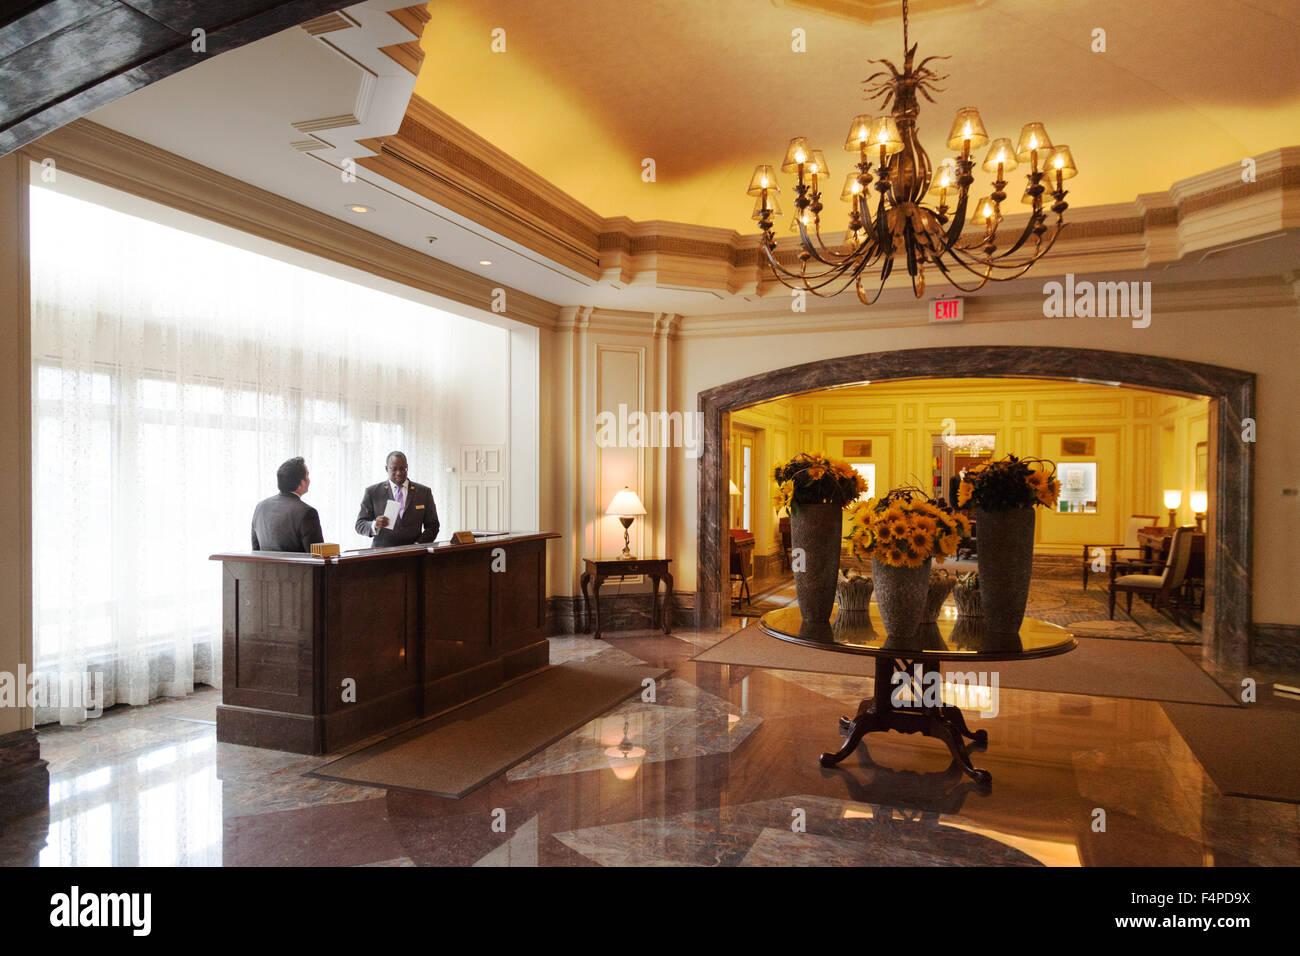 Conserje en la recepción, el Boston Harbor Hotel en Boston, Massachusetts, EE.UU. Imagen De Stock